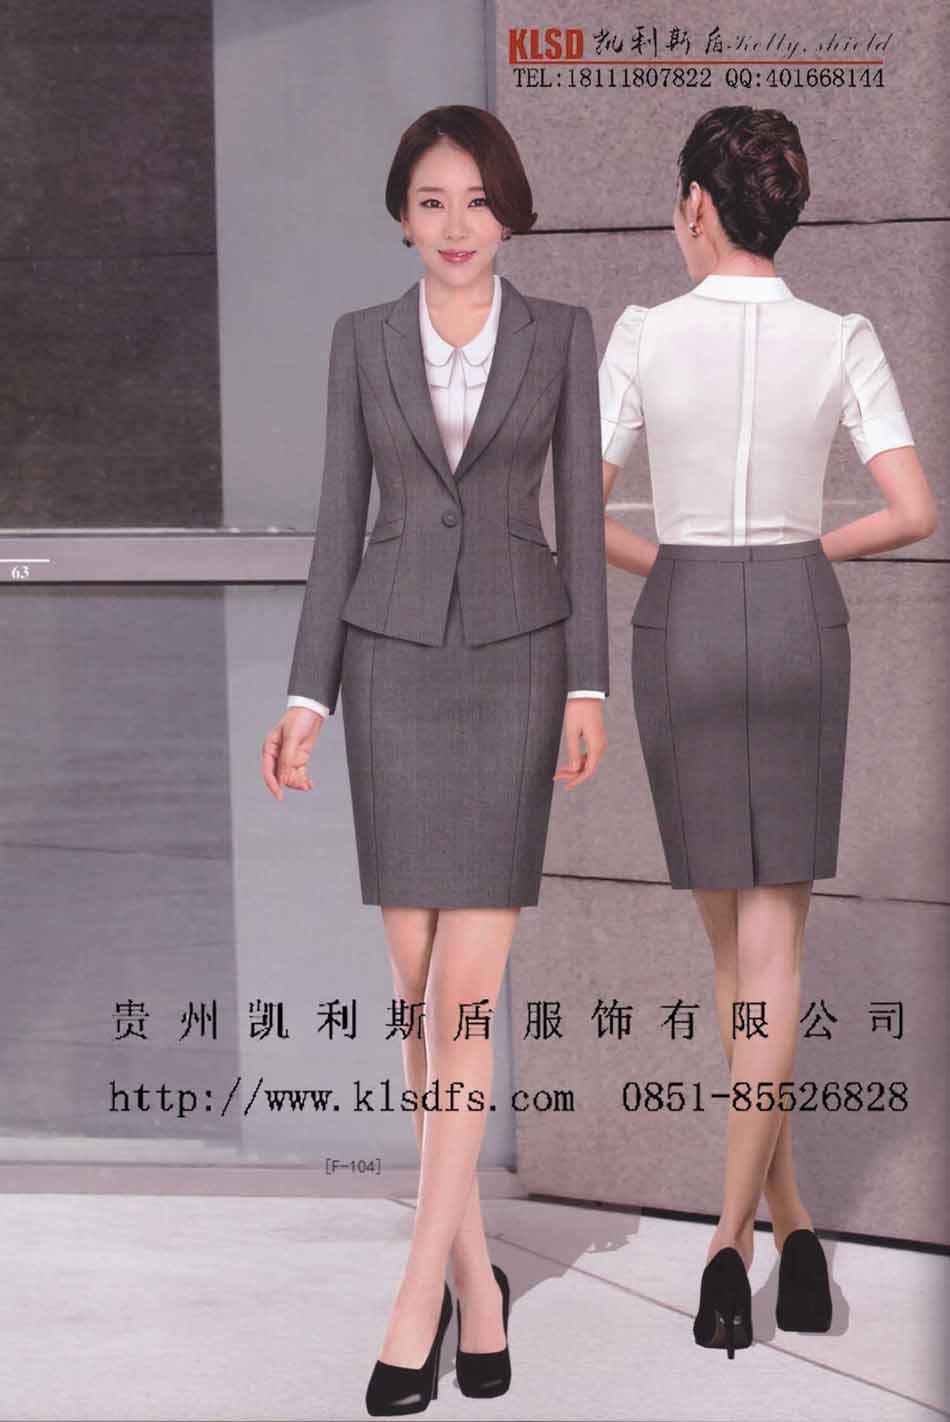 高端女装价格-热销高端女装推荐